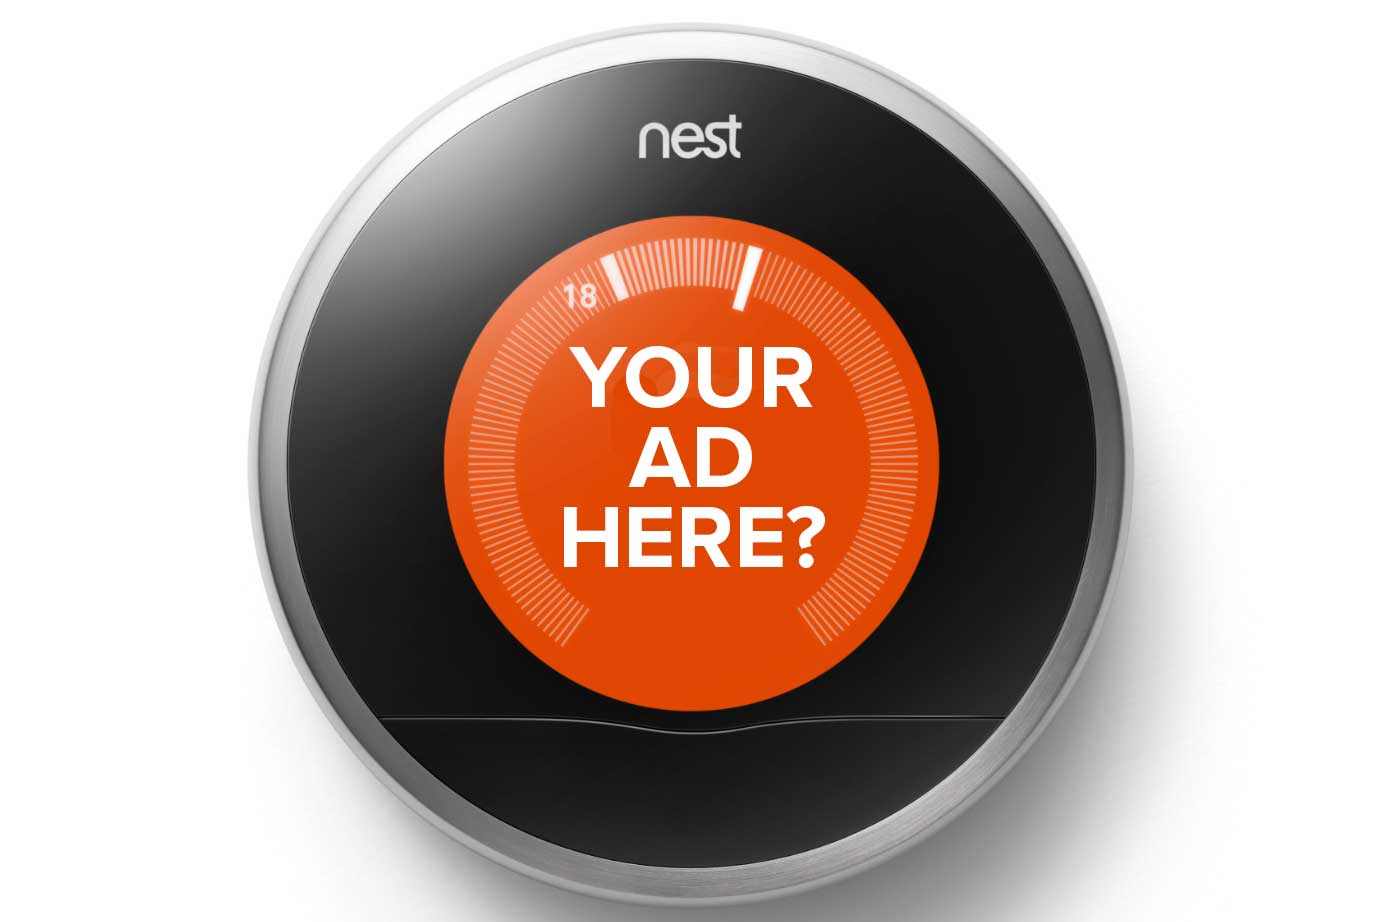 Nest-advertising